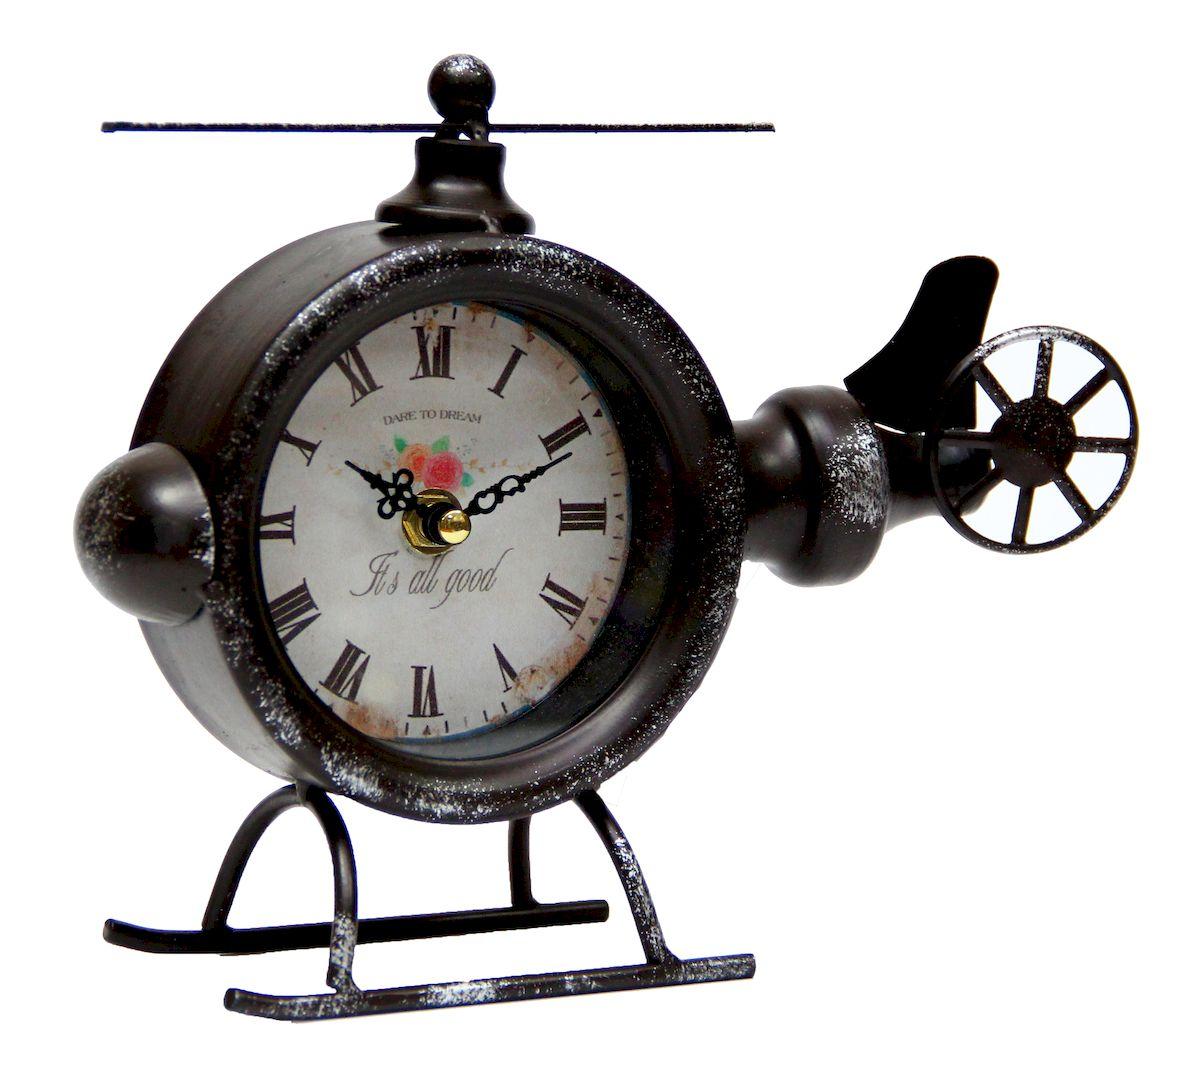 Часы настольные Magic Home Вертолет, кварцевые, цвет: черный41500Настольные кварцевые часы Magic Home Вертолет изготовлены из металла черного цвета, циферблат из черного металла с покрытием из принтованной бумаги. Настольные часы Magic Home Вертолет прекрасно оформят интерьер дома или рабочий стол в офисе. Часы работают от одной батарейки типа АА мощностью 1,5V (не входит в комплект).